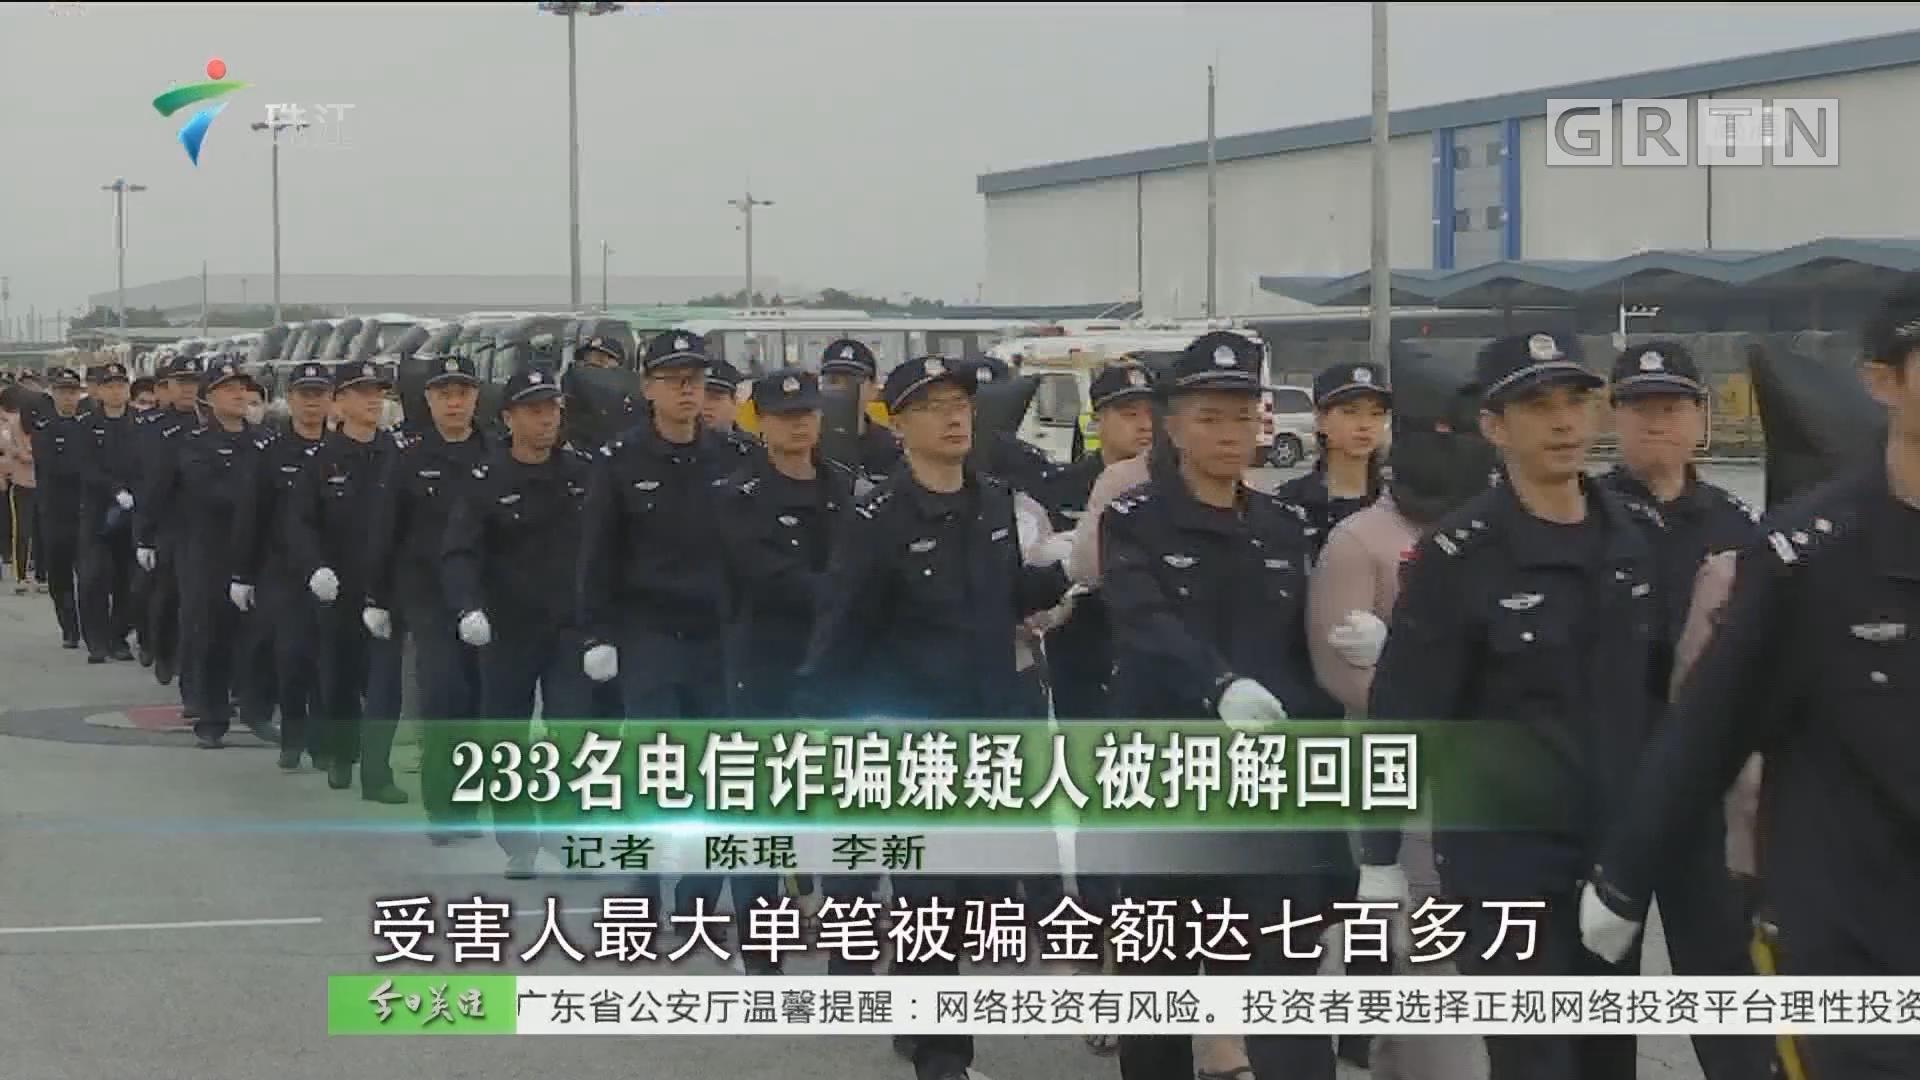 233名电信诈骗嫌疑人被押解回国